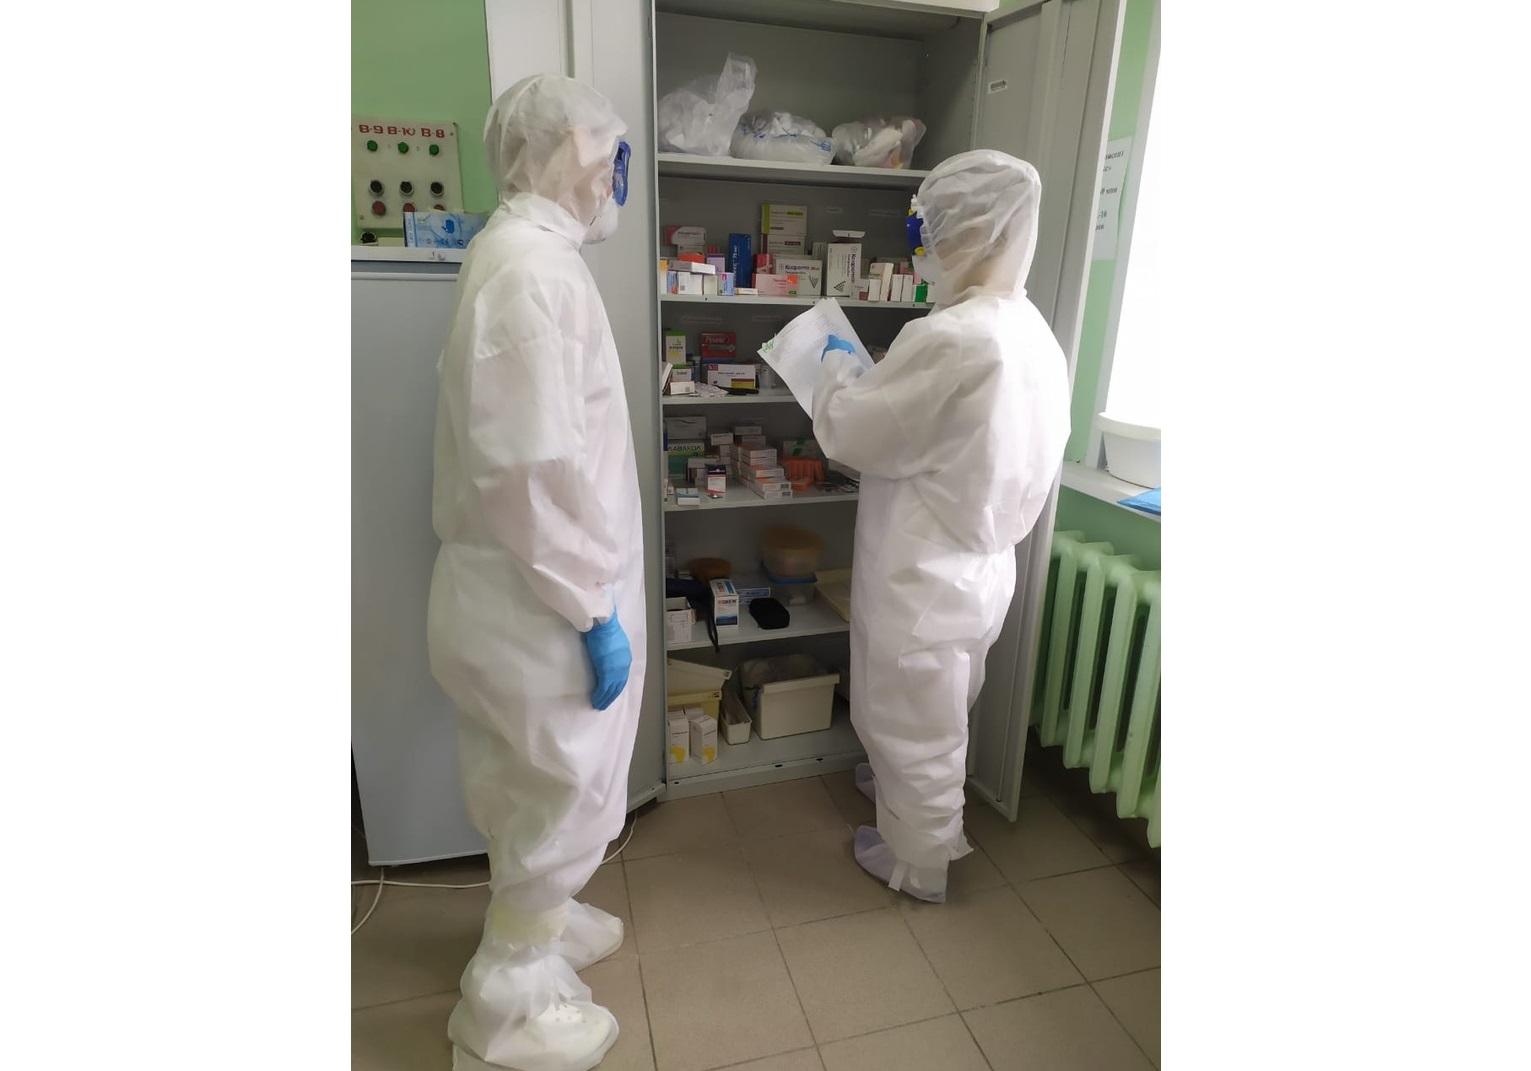 Лекарства от коронавируса. В Ярославле испытывают препараты для лечения и профилактики Covid-19